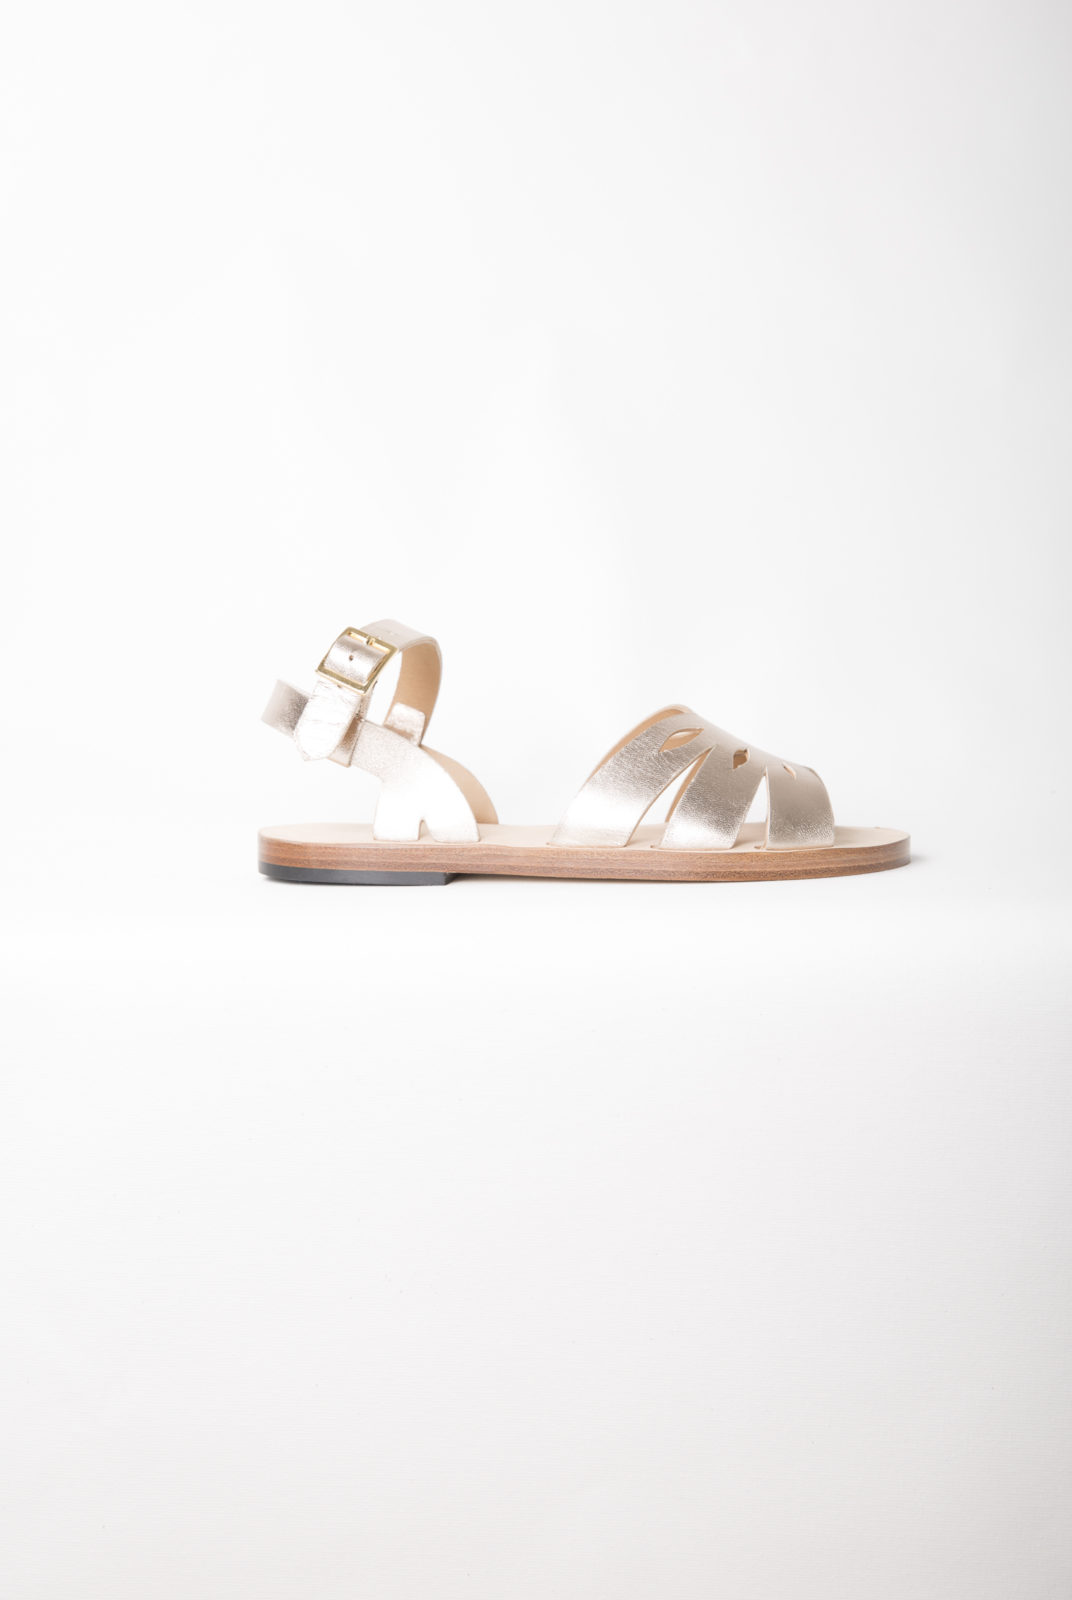 Cuir métallisé. Bout arrondi. Chaussures ouvertes. Large bandeau ajouré au cou-de-pied. Découpes florales.